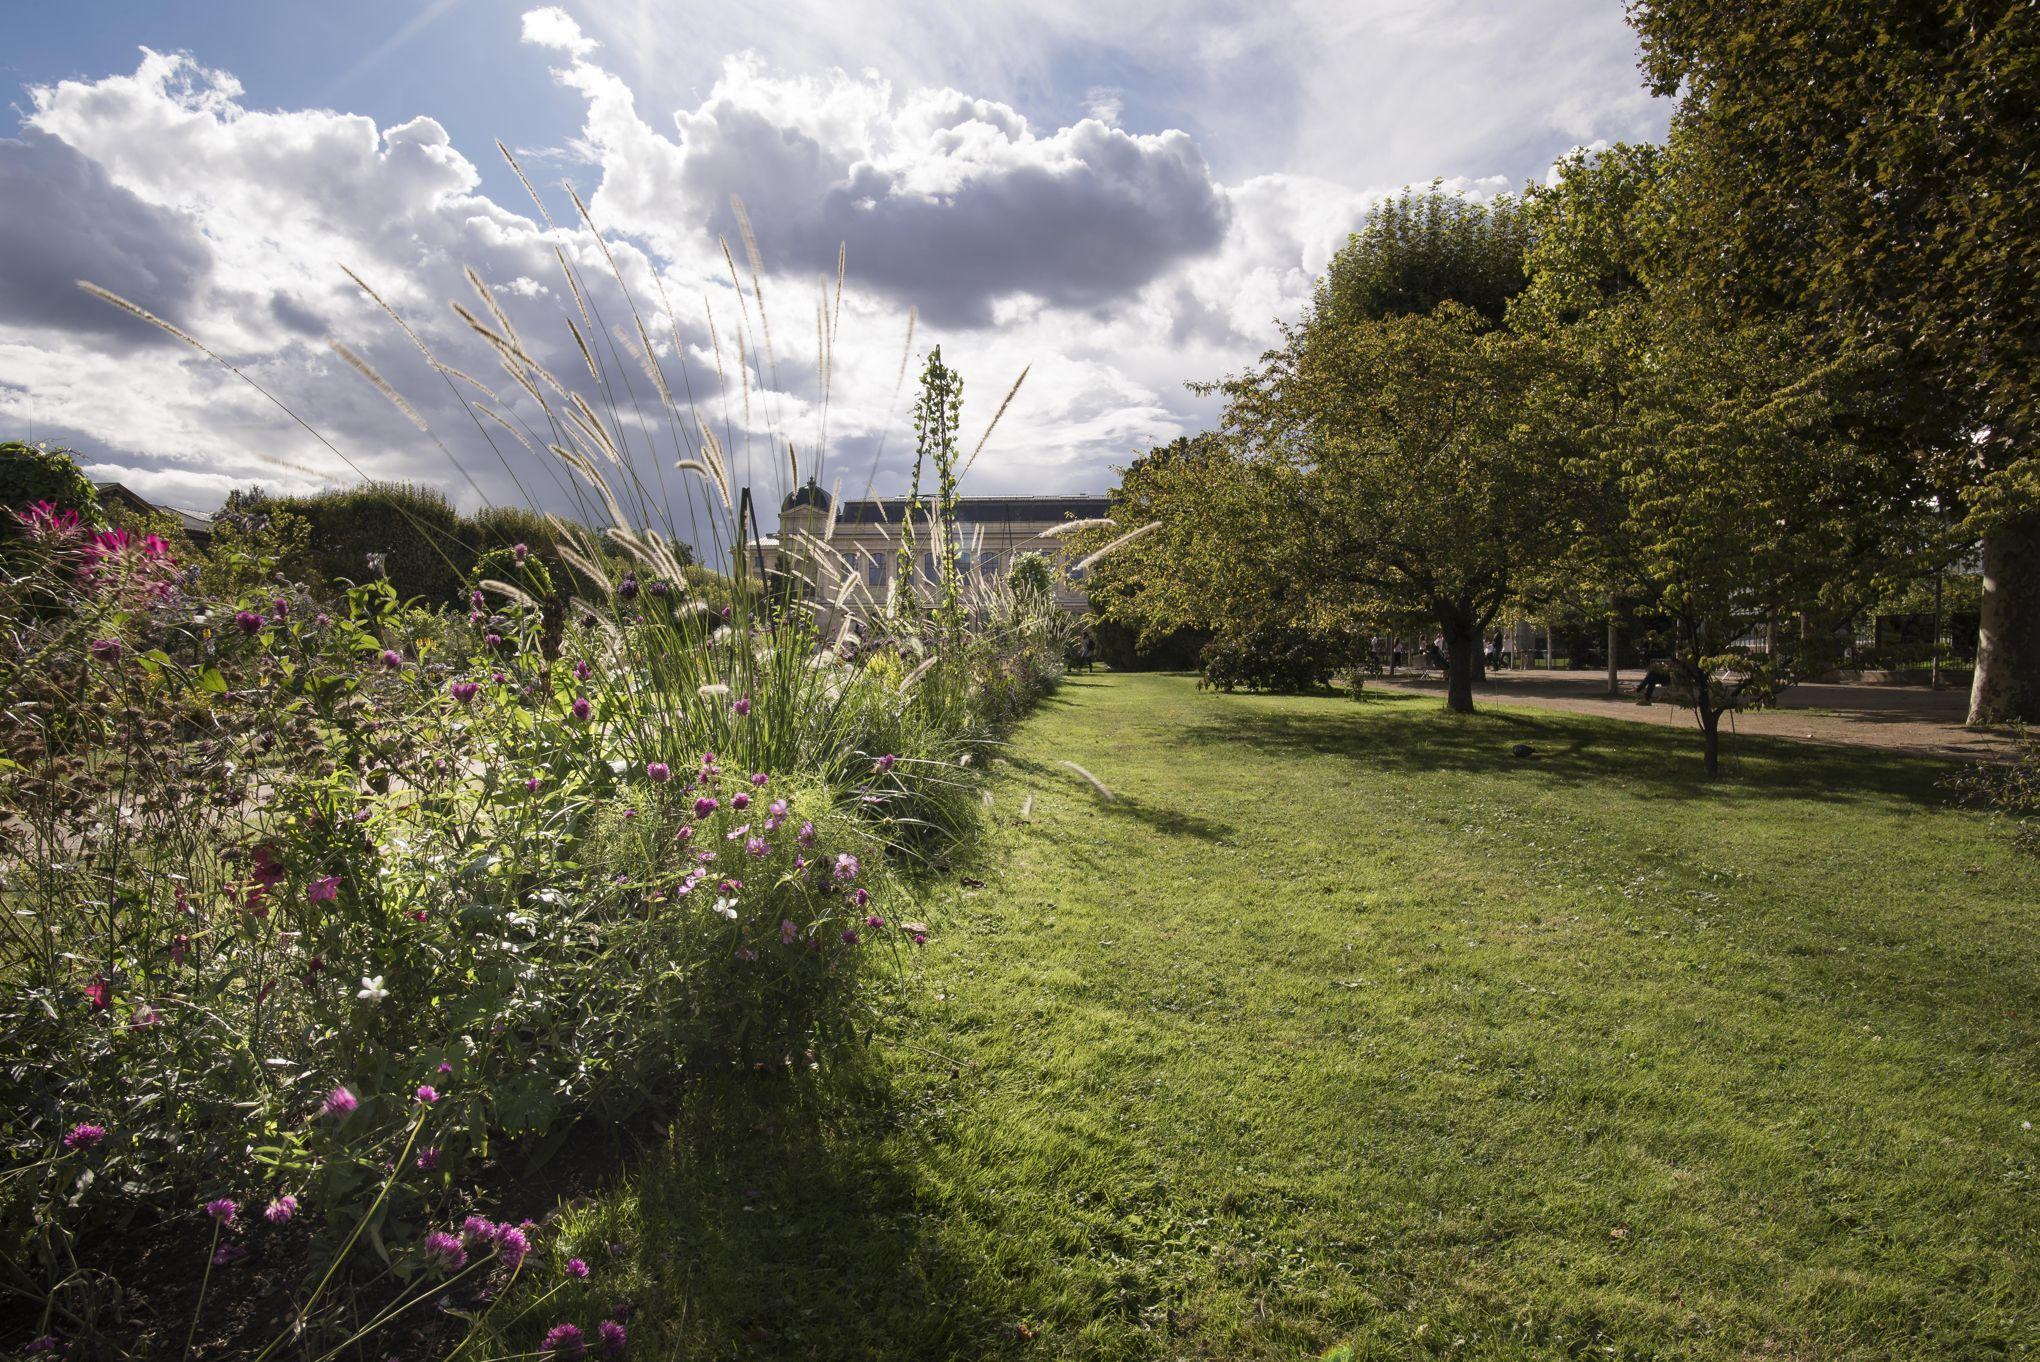 Le Jardin Des Plantes Une Fenetre Ouverte Sur La Biodiversite